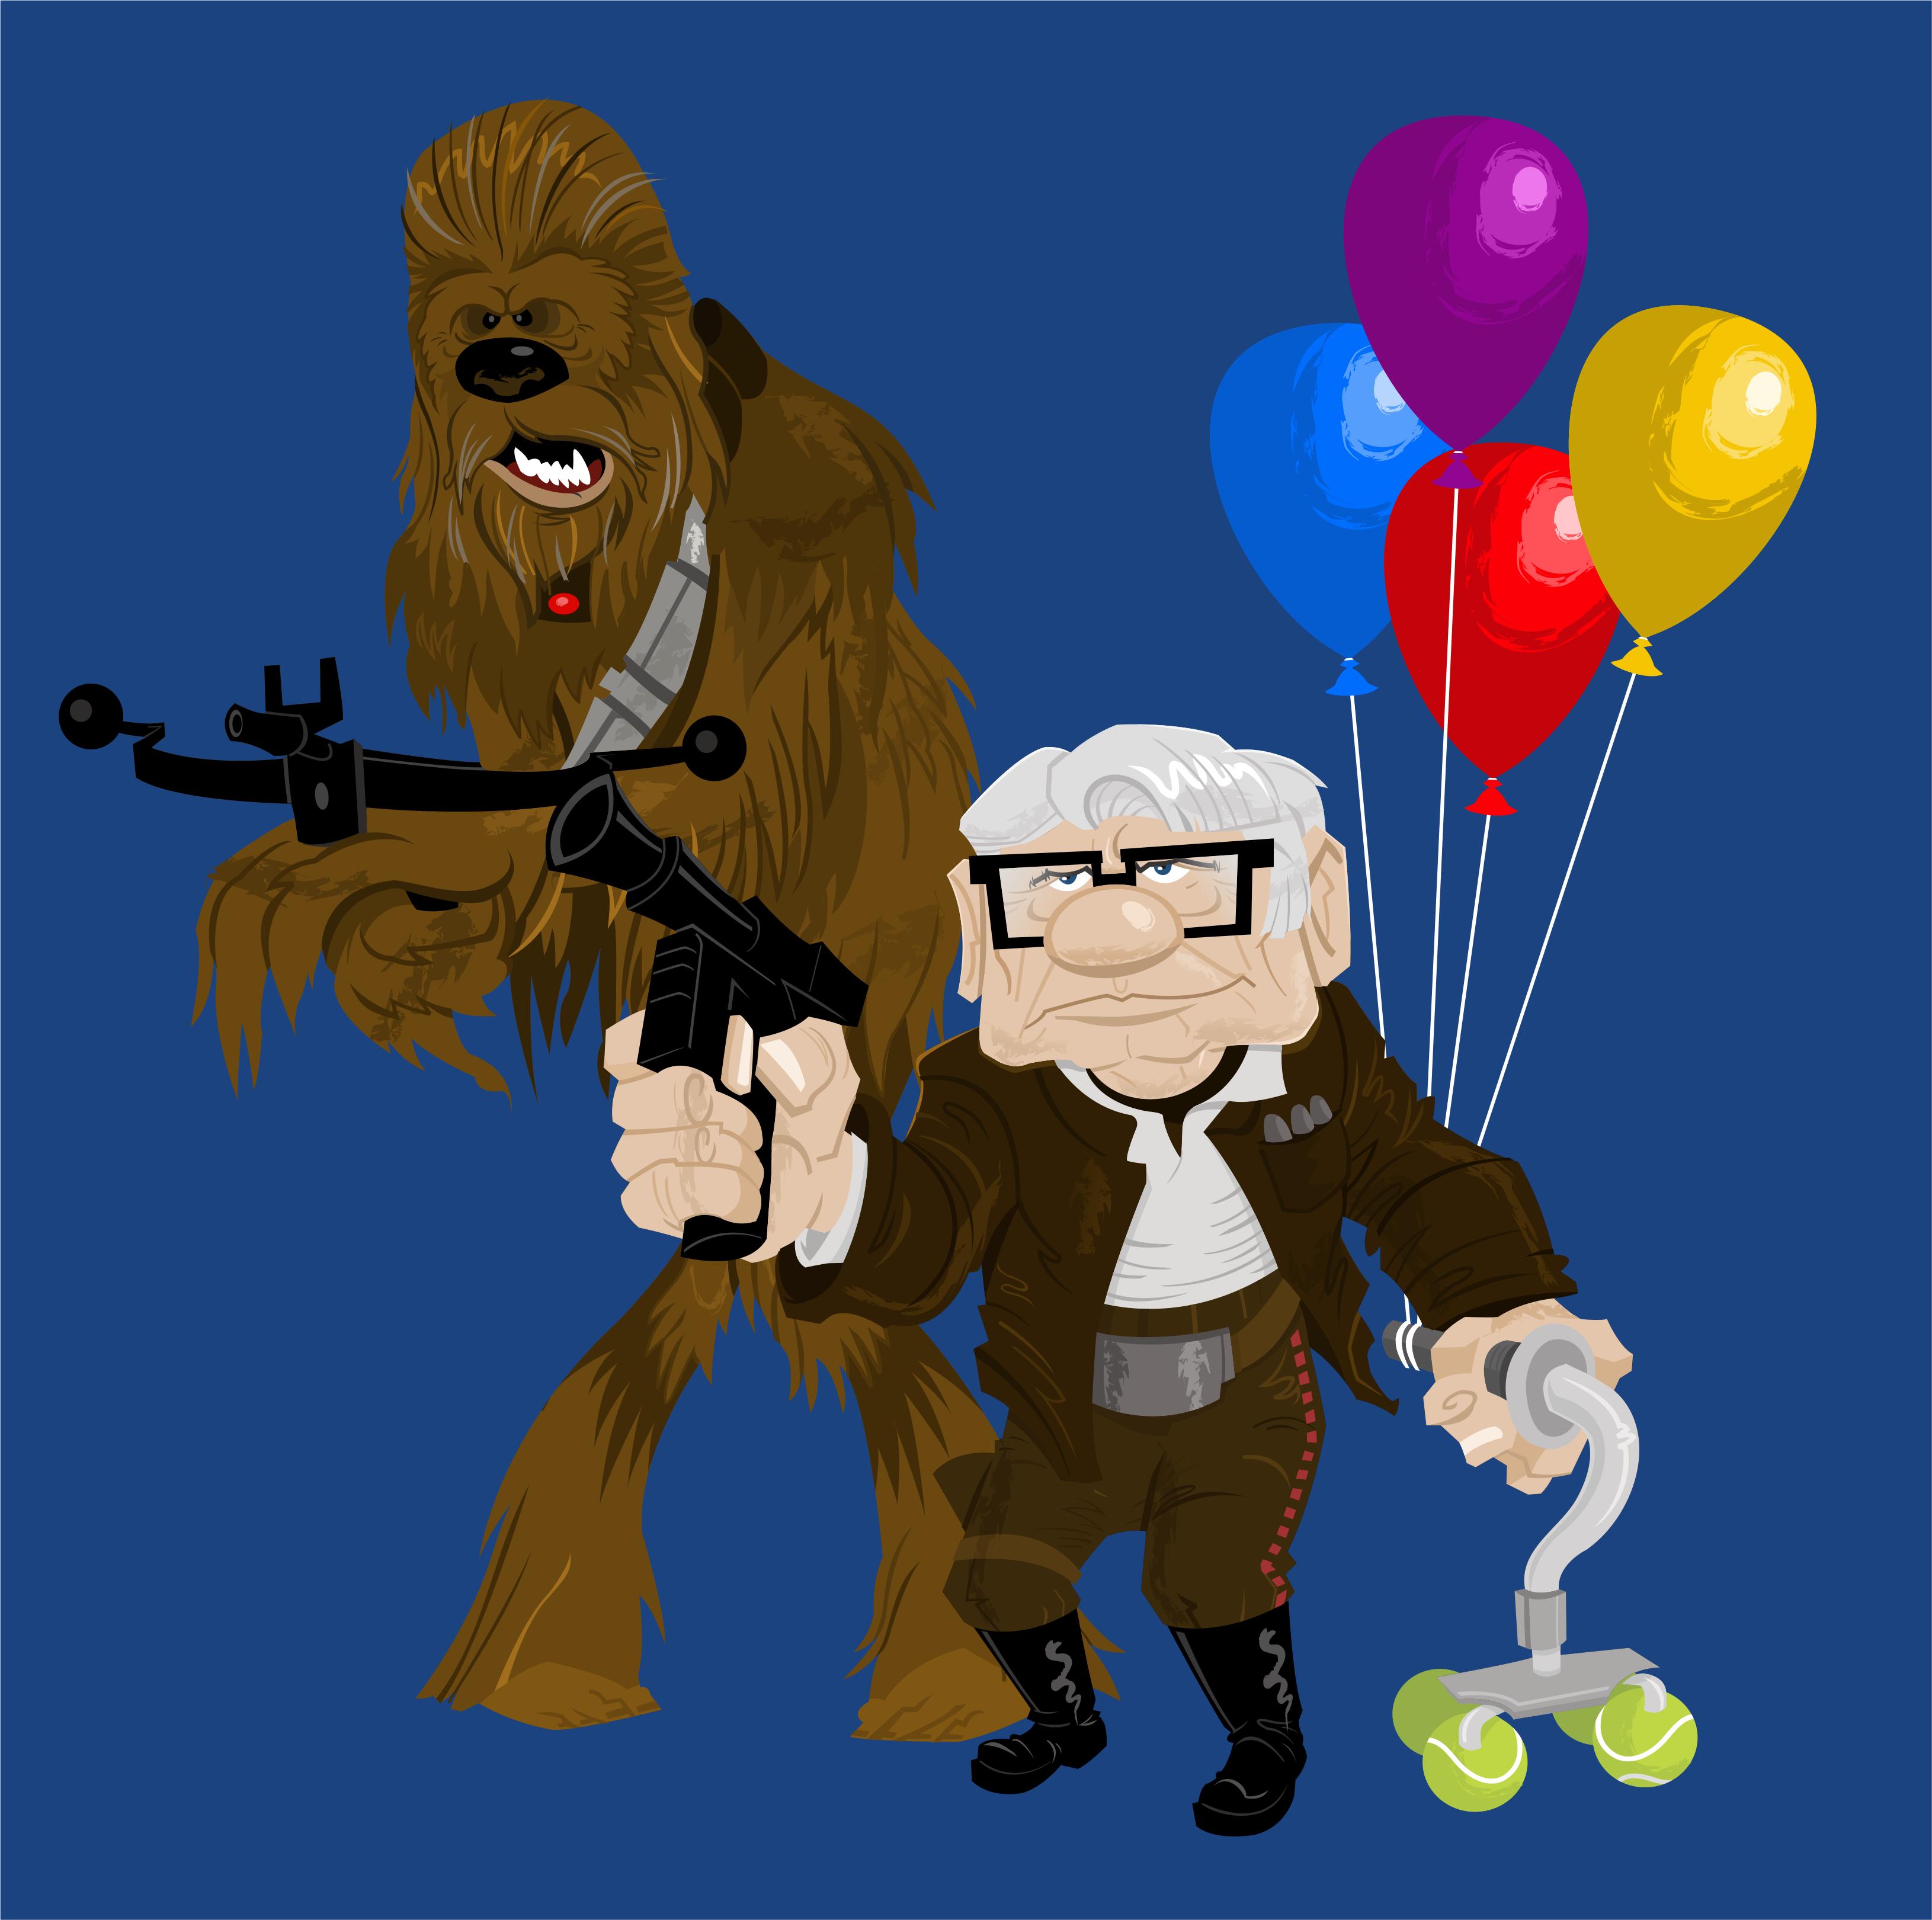 Han & Chewie Go Up